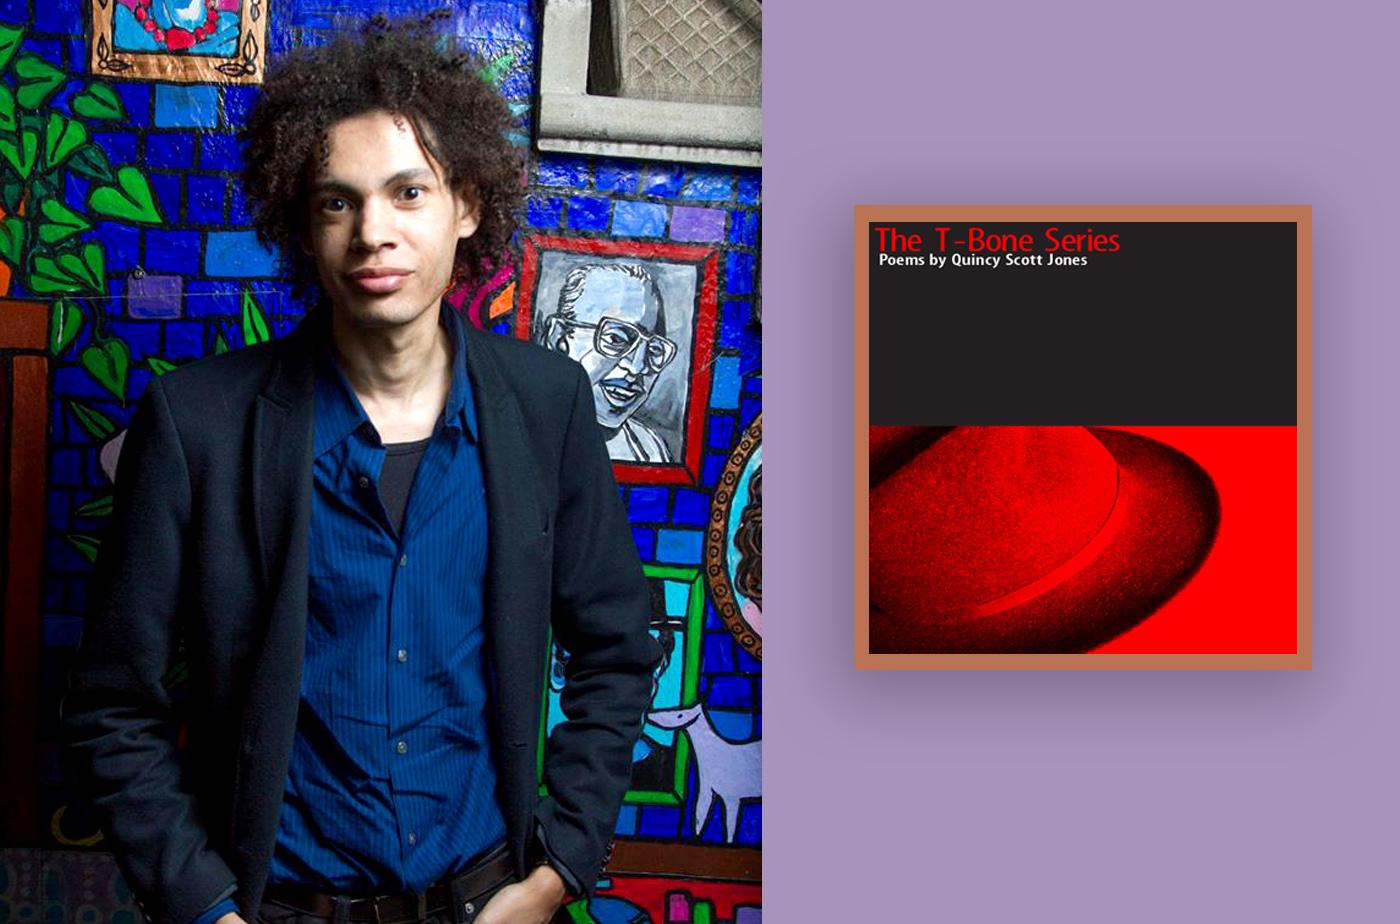 Catapult online classes: Quincy Scott Jones, 6-Week Online Introductory Poetry Workshop: Catching Feelings/Evoking Emotions, Poetry, Workshop